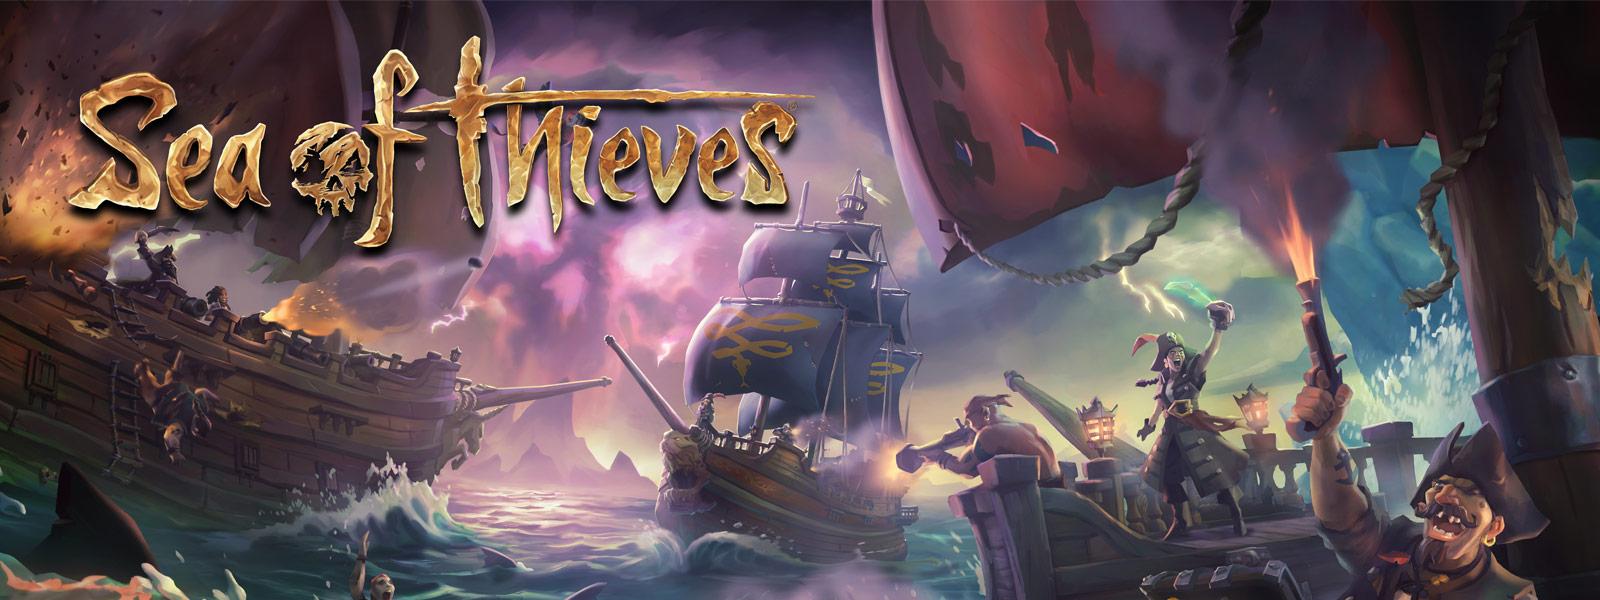 Sea of Thieves - Okyanusta savaşan gemiler ve diğer gemilere ateş eden bot